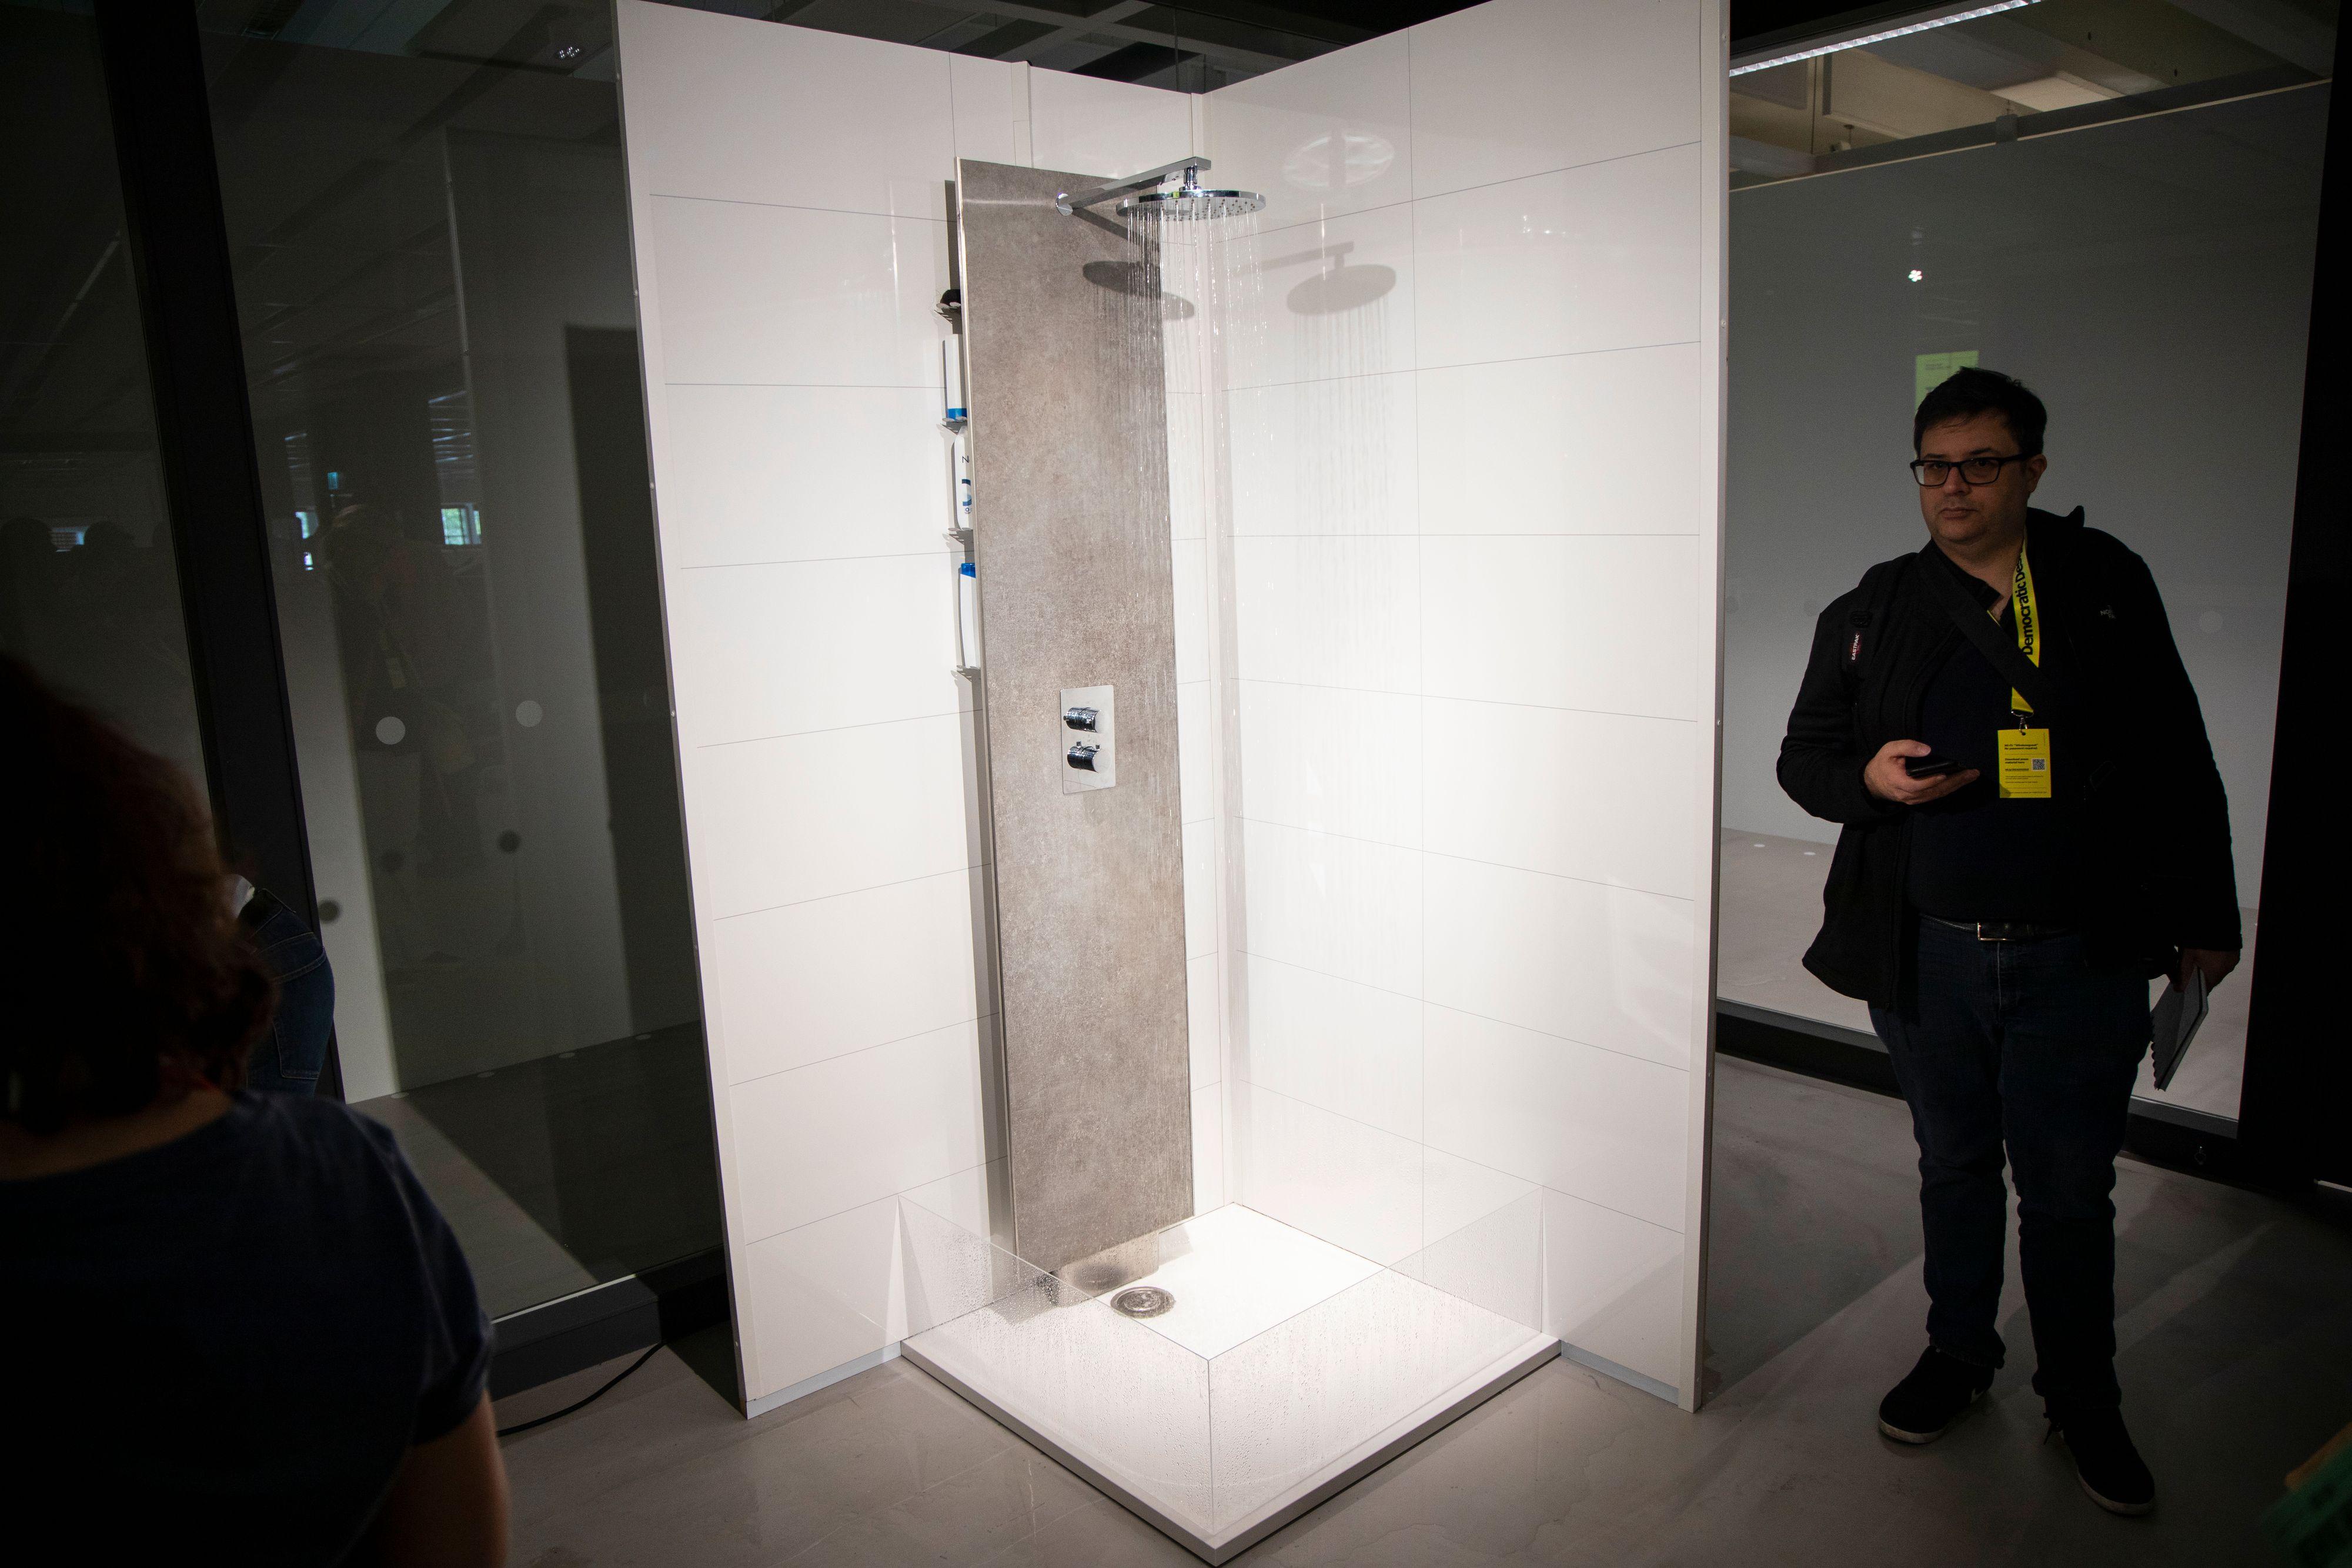 Flow Loop-dusjen resirkulerer opptil 80 prosent av vannet du bruker. Det resirkulerte vannet blir både filtrert og UV-bestrålt.